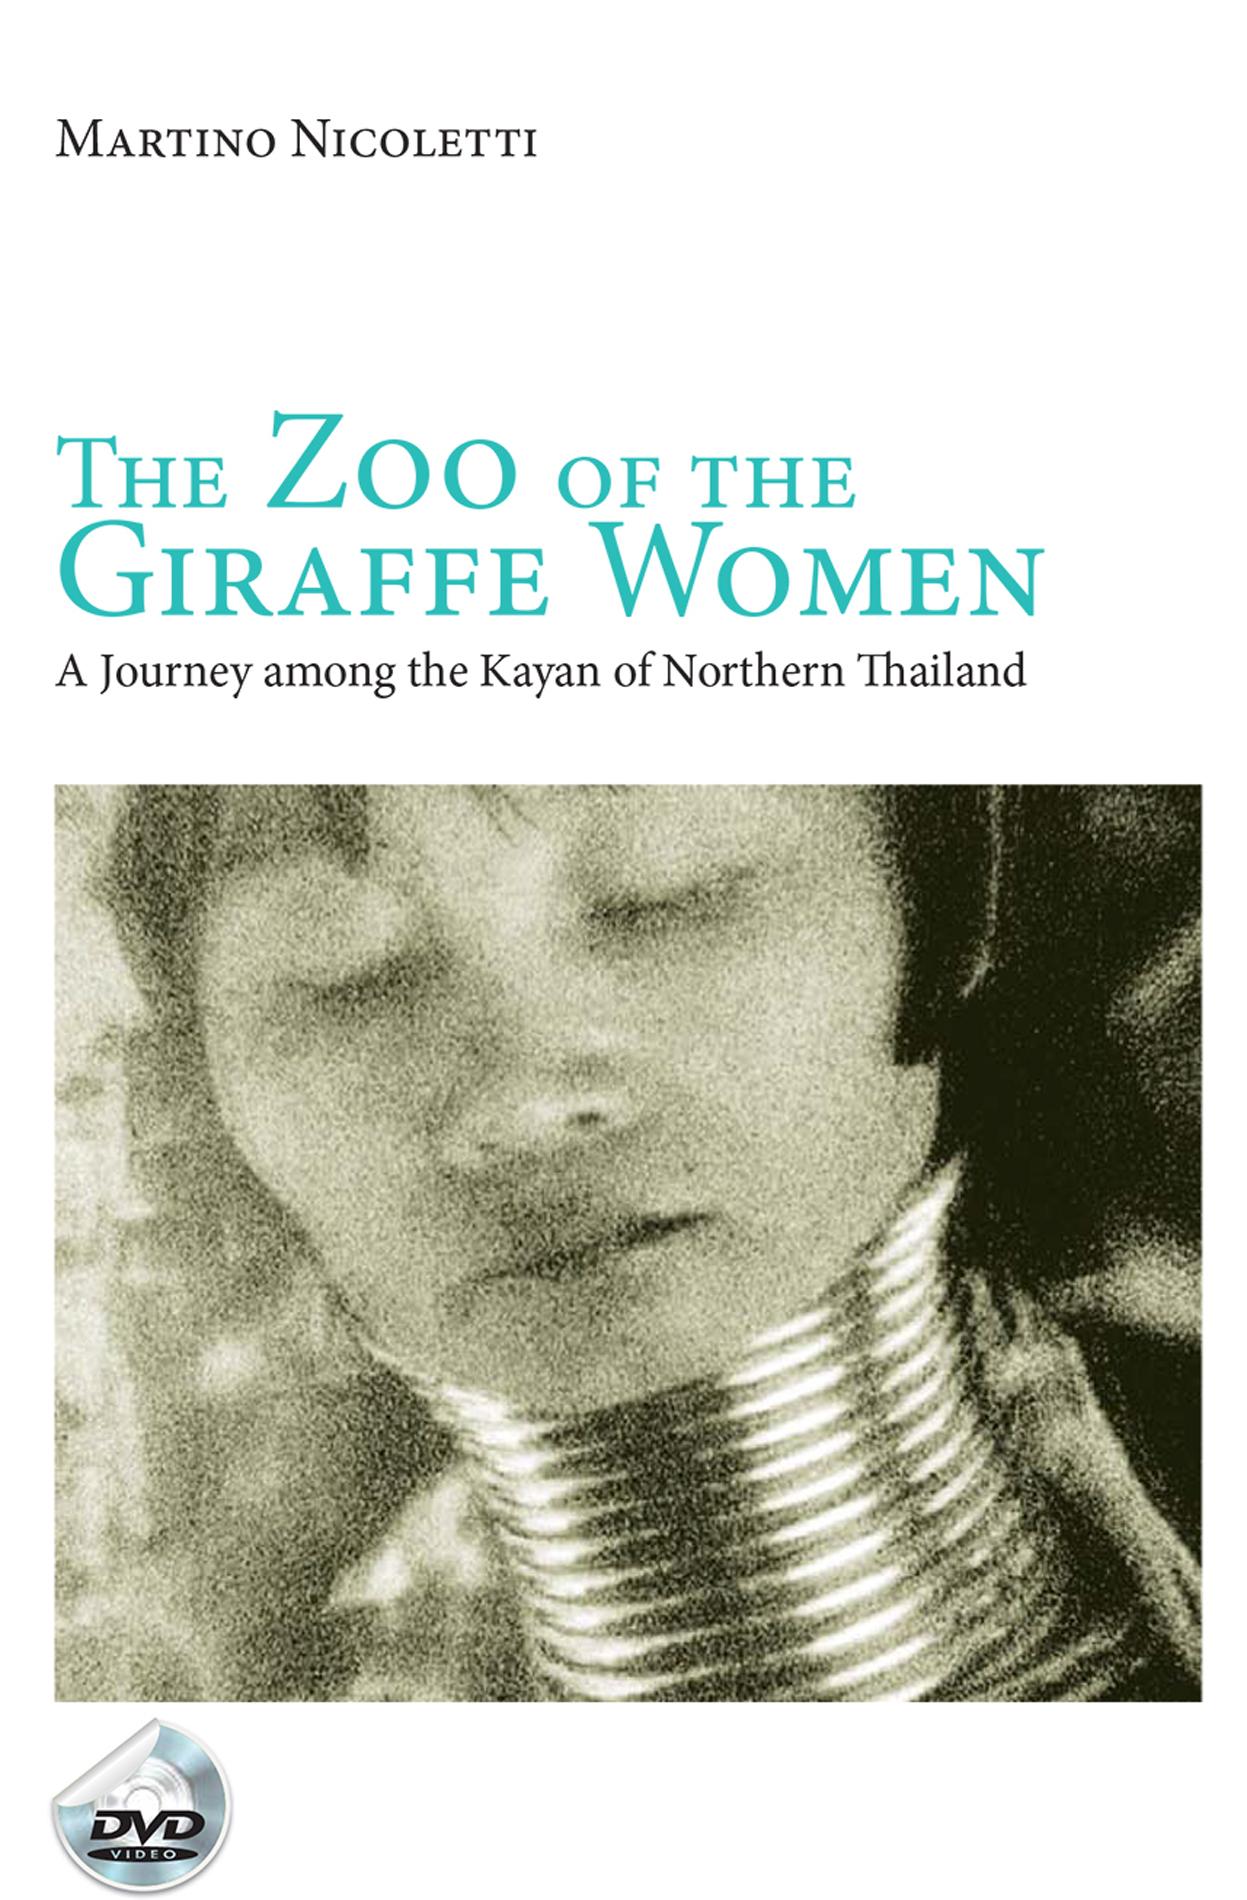 THE ZOO OF THE GIRAFFE WOMEN